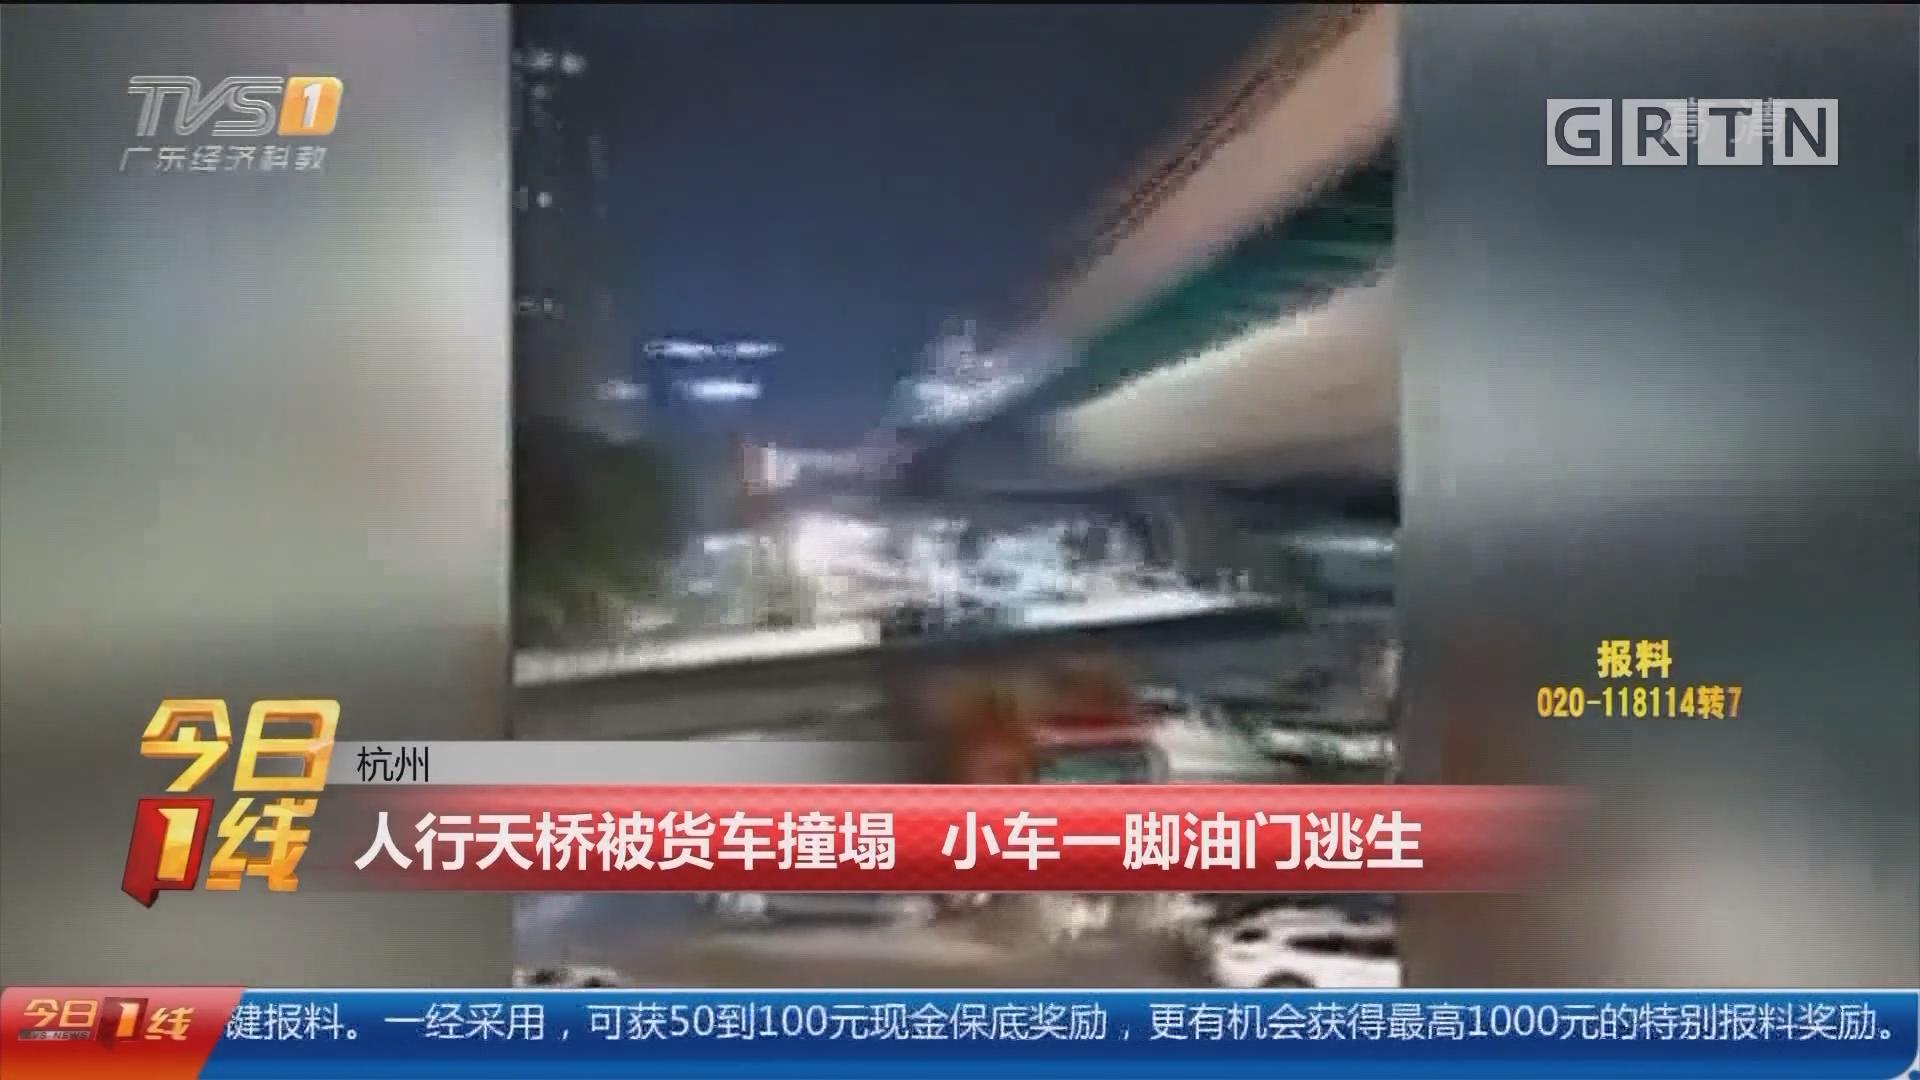 杭州:人行天桥被货车撞塌 小车一脚油门逃生